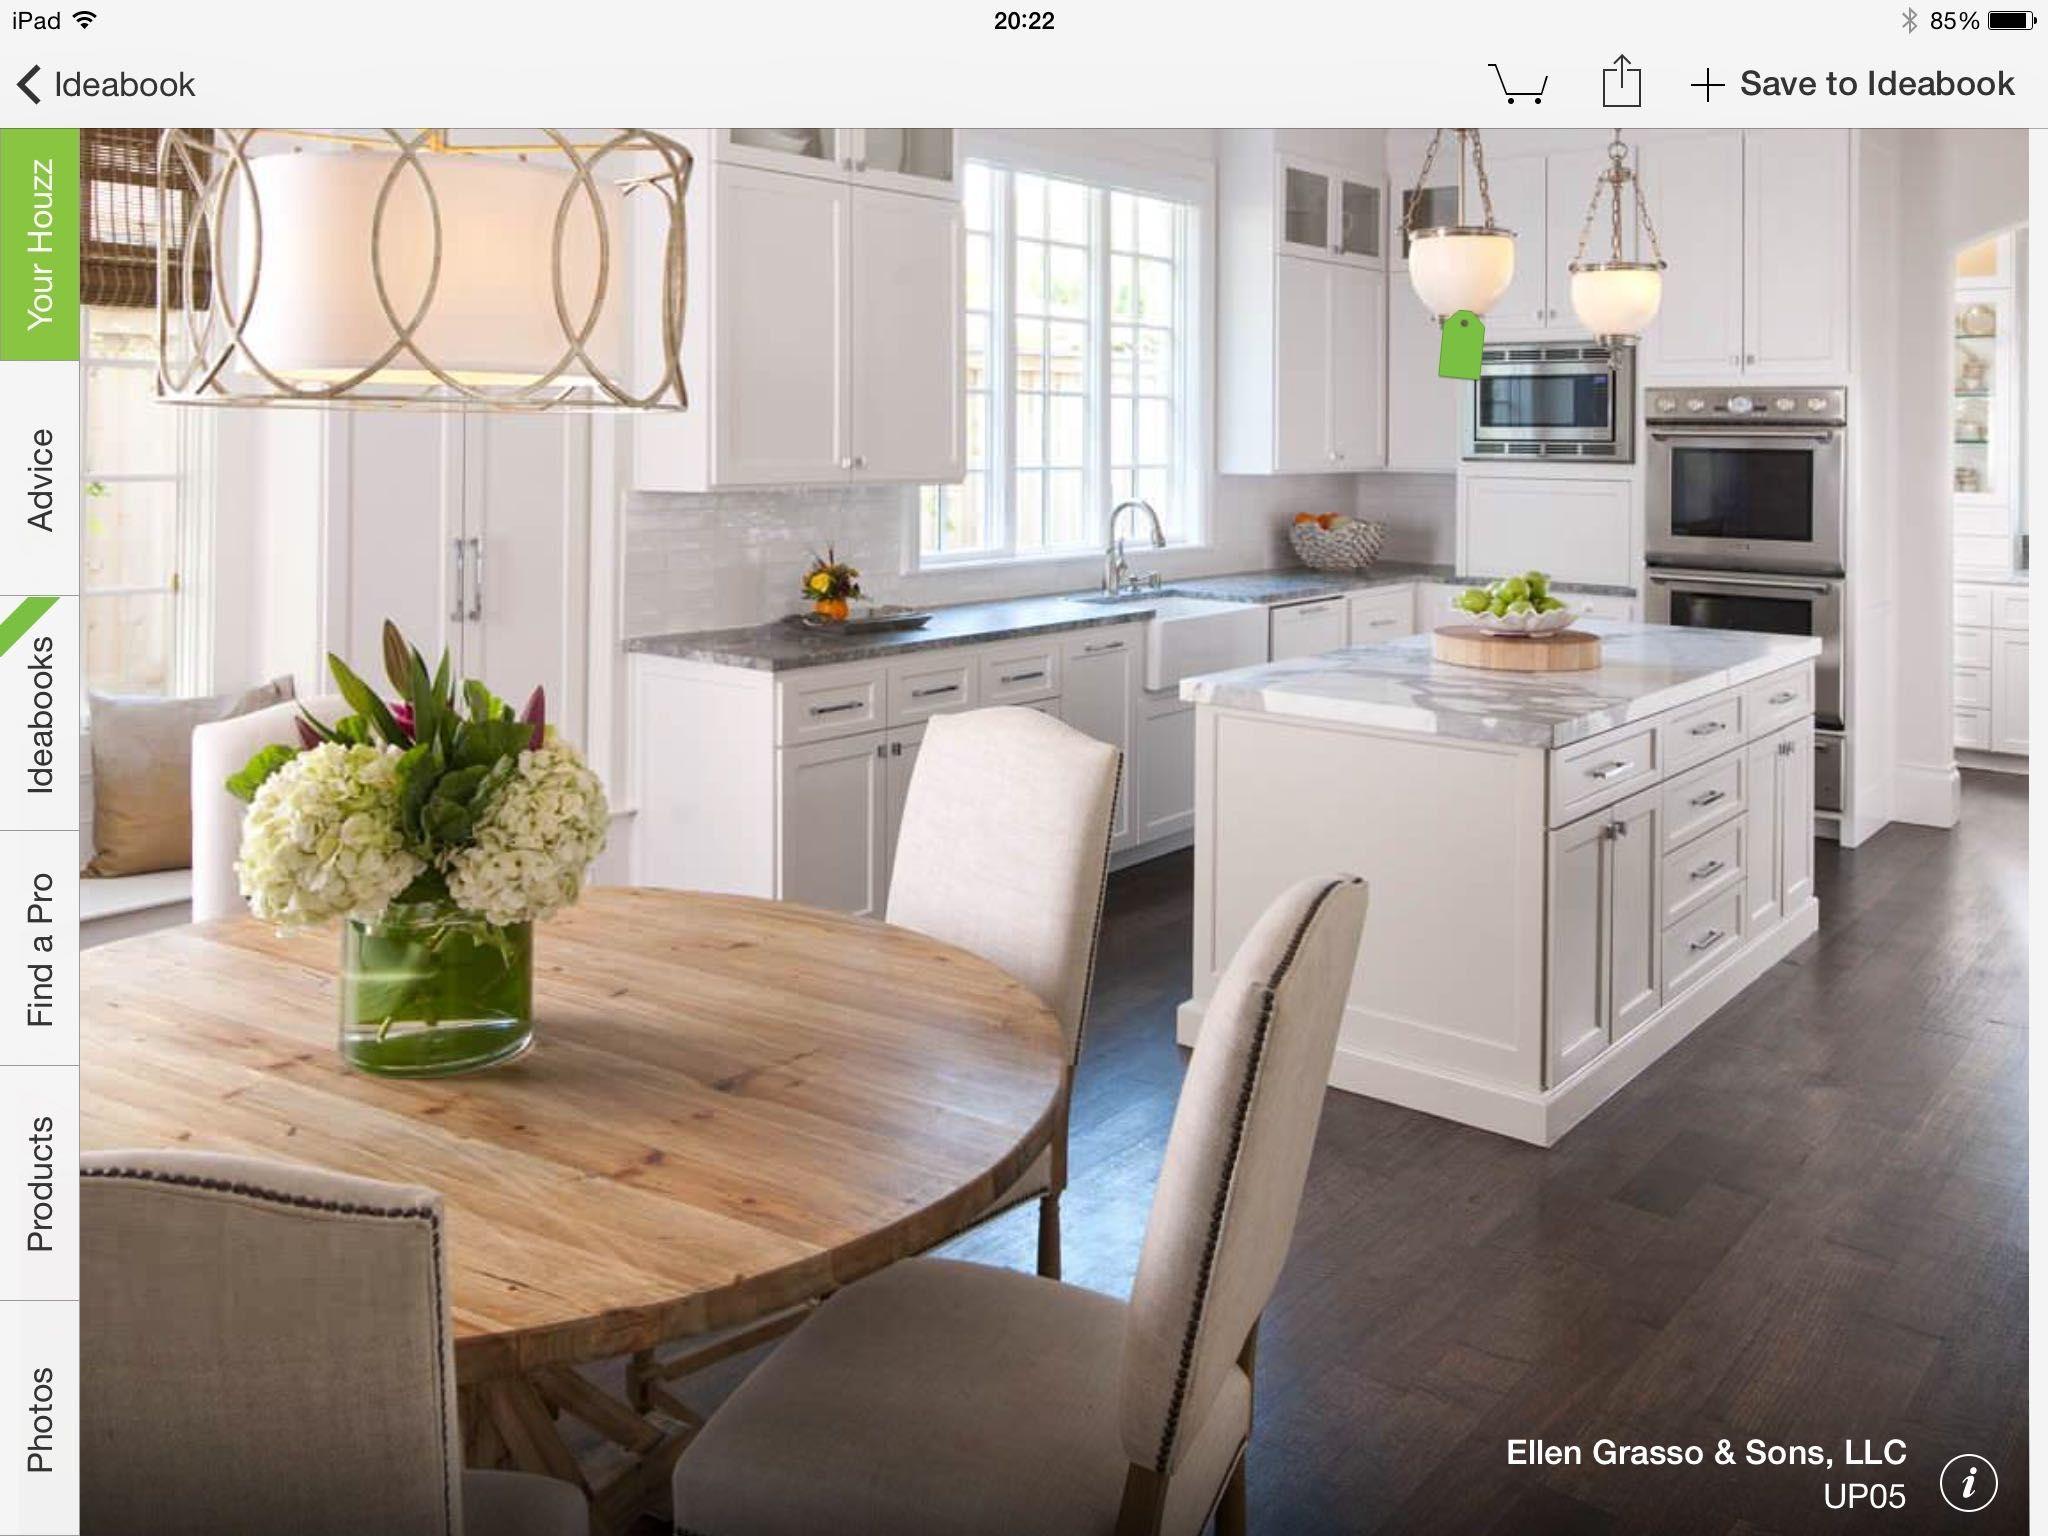 Coordinar gabinete de la cocina piso de madera de color - Explora Comedores Cocinas Blancas Y Mucho M S